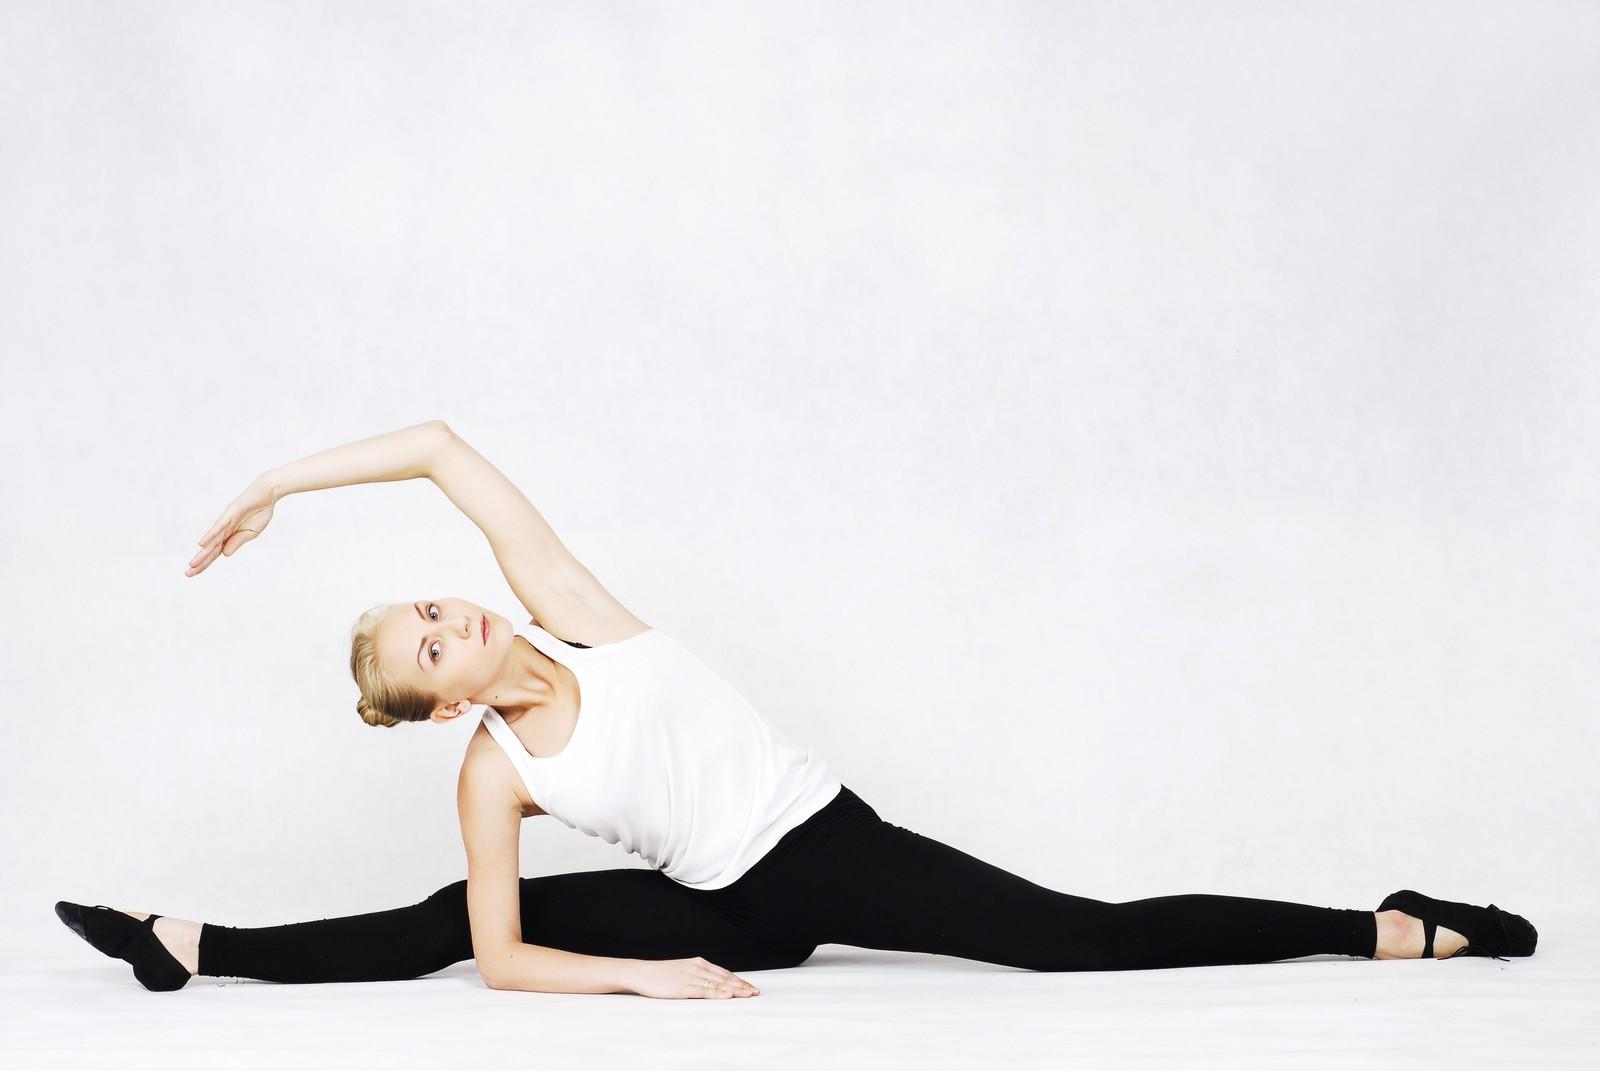 「開脚しながら片腕を伸ばす体が柔らかいバレエダンサー」の写真[モデル:モデルファクトリー]